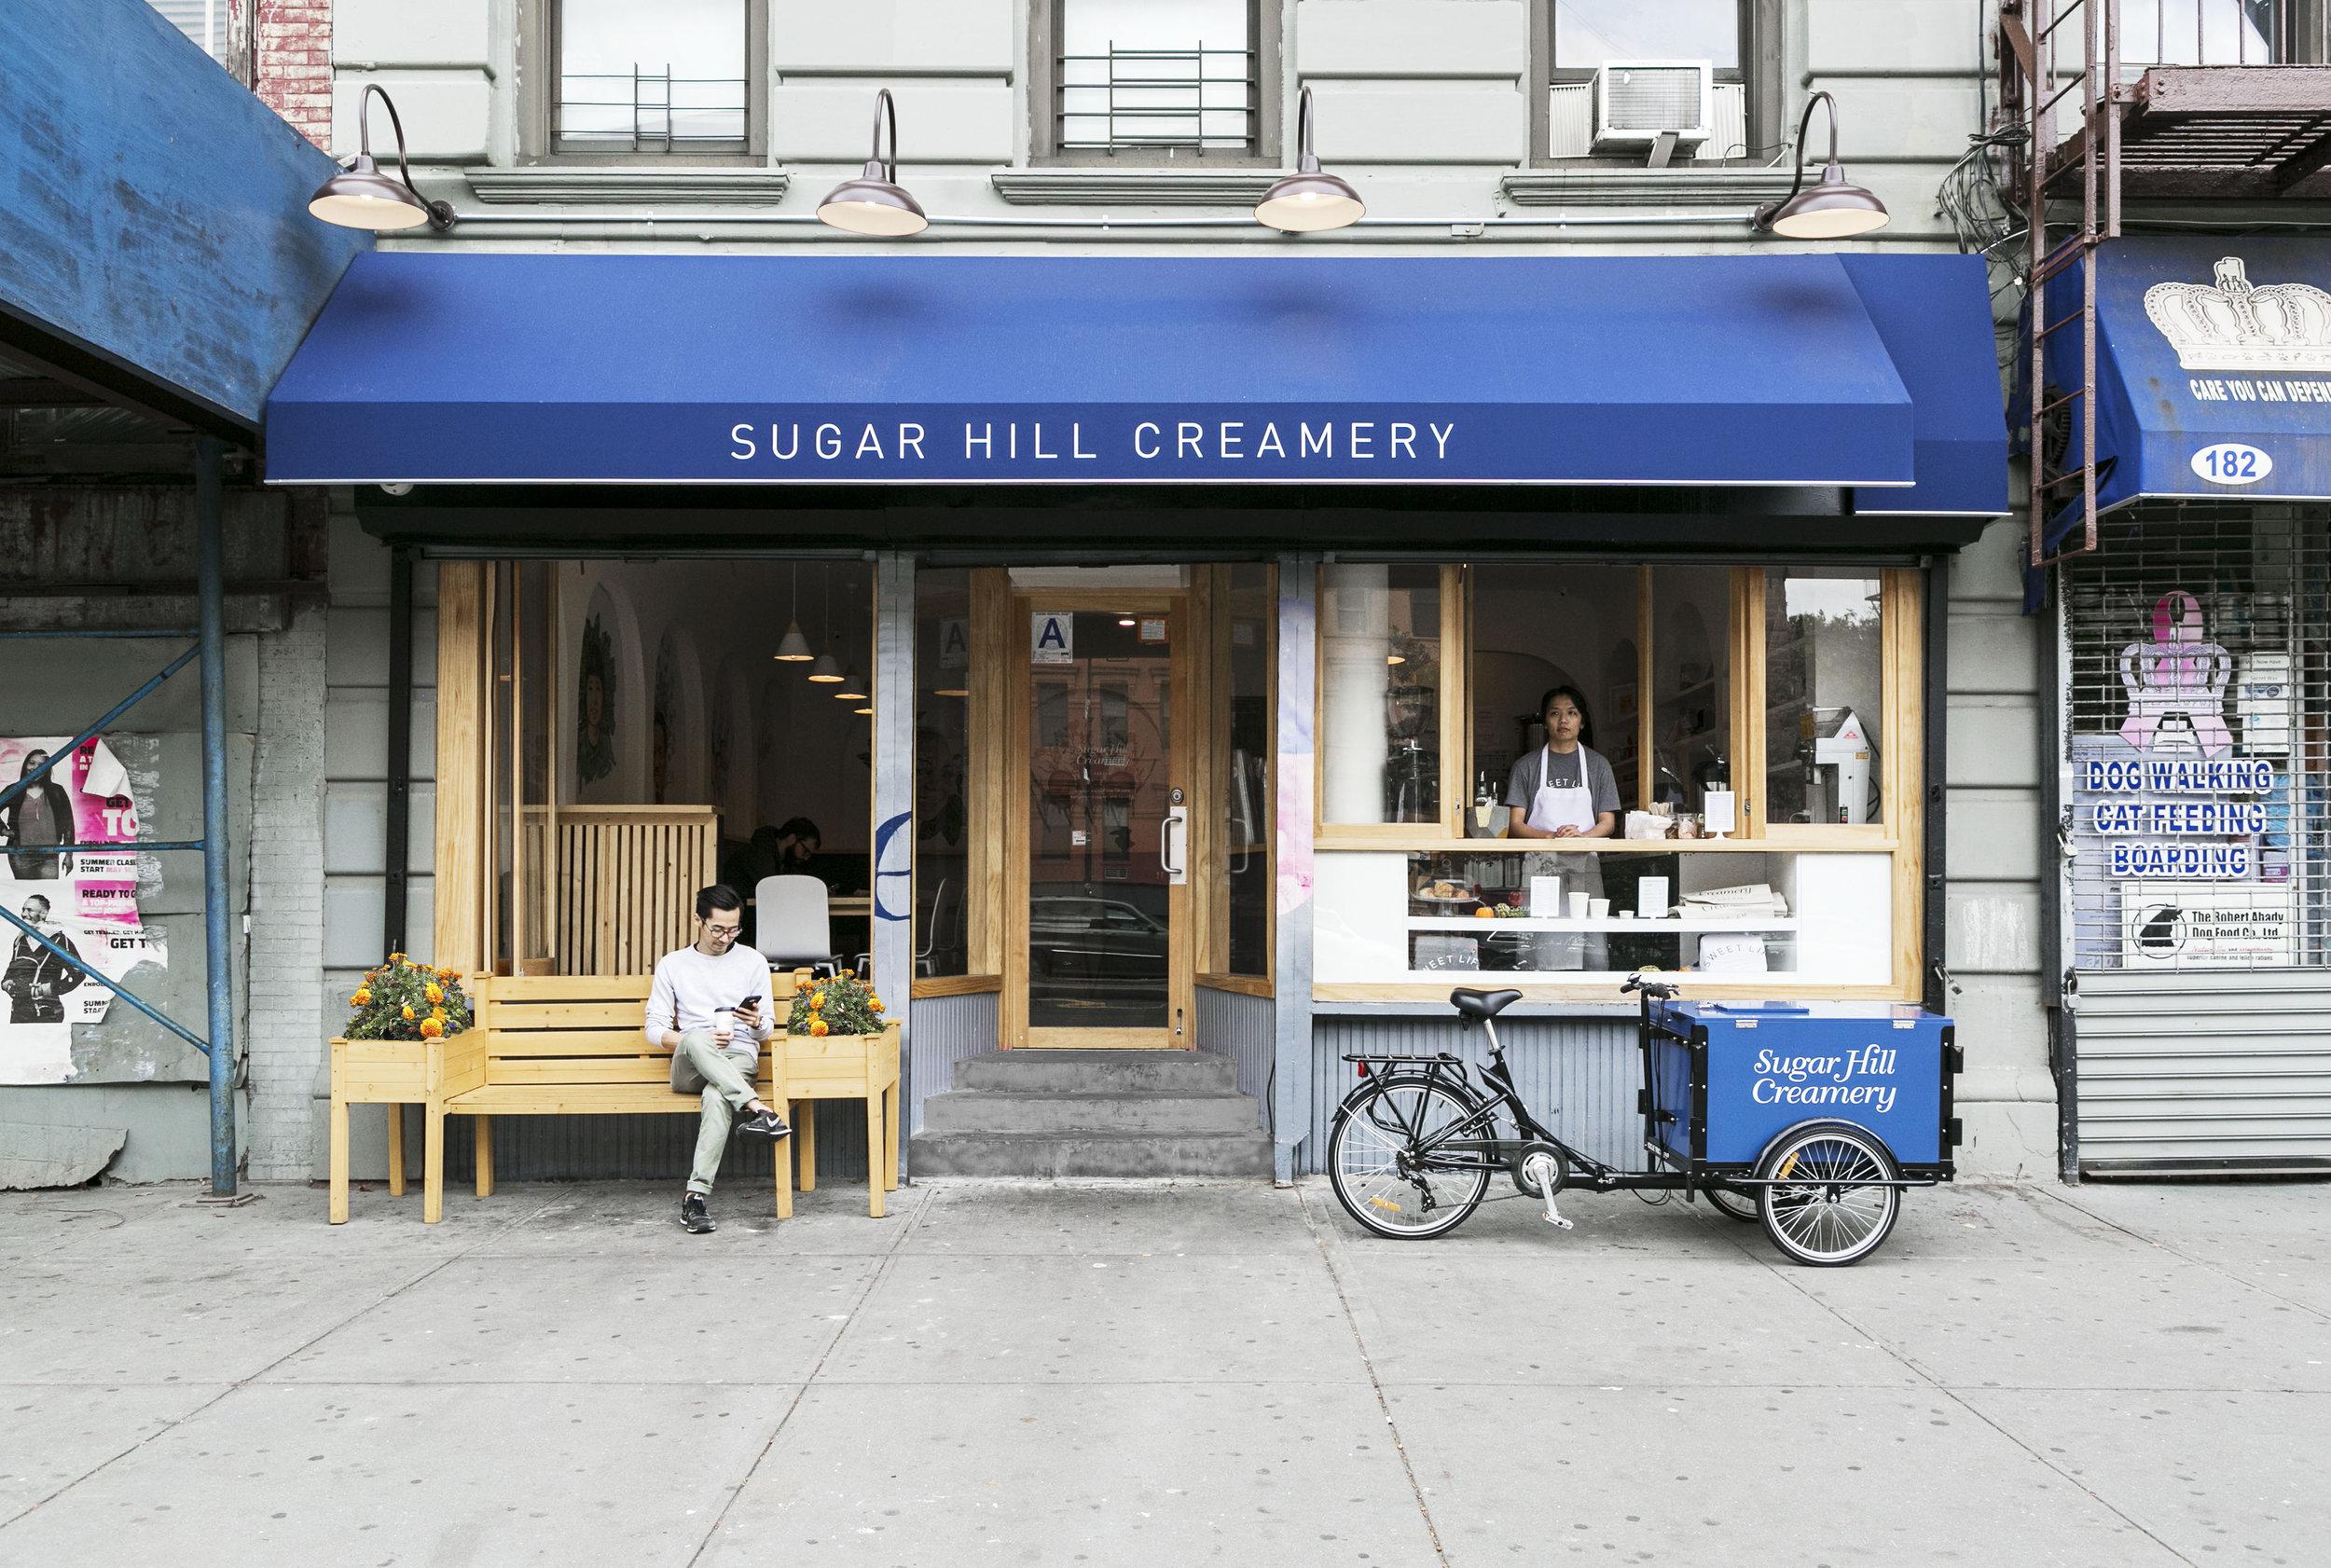 SugarHillCreamery-0237e.jpg